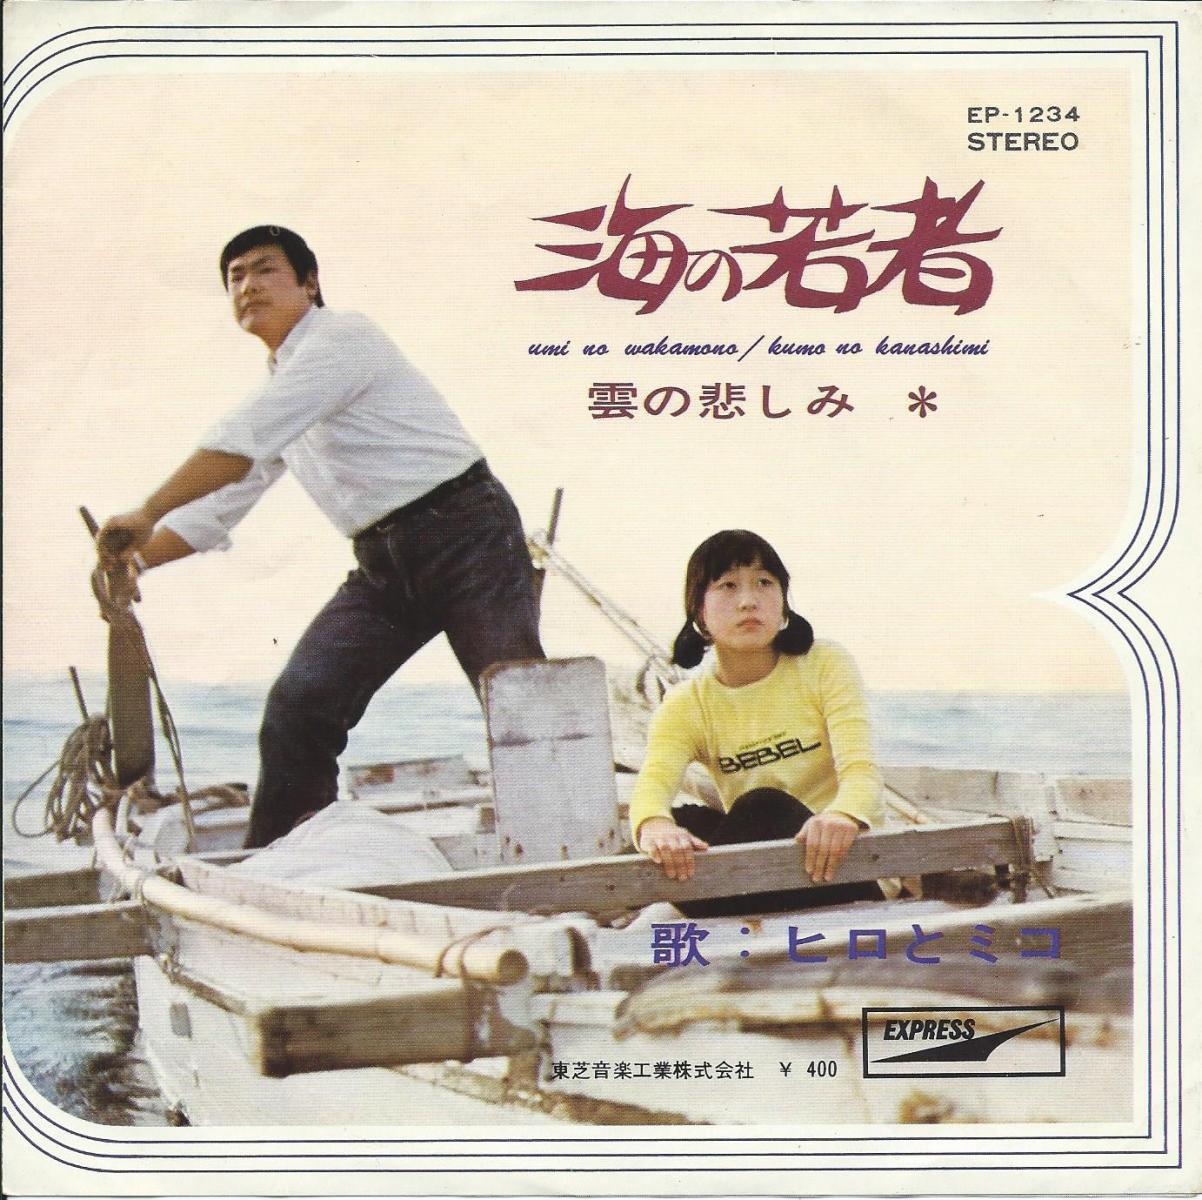 ヒロとミコ HIRO & MIKO / 海の若者 UMI NO WAKAMONO / 雲の悲しみ KUMO NO KANASHIMI (7